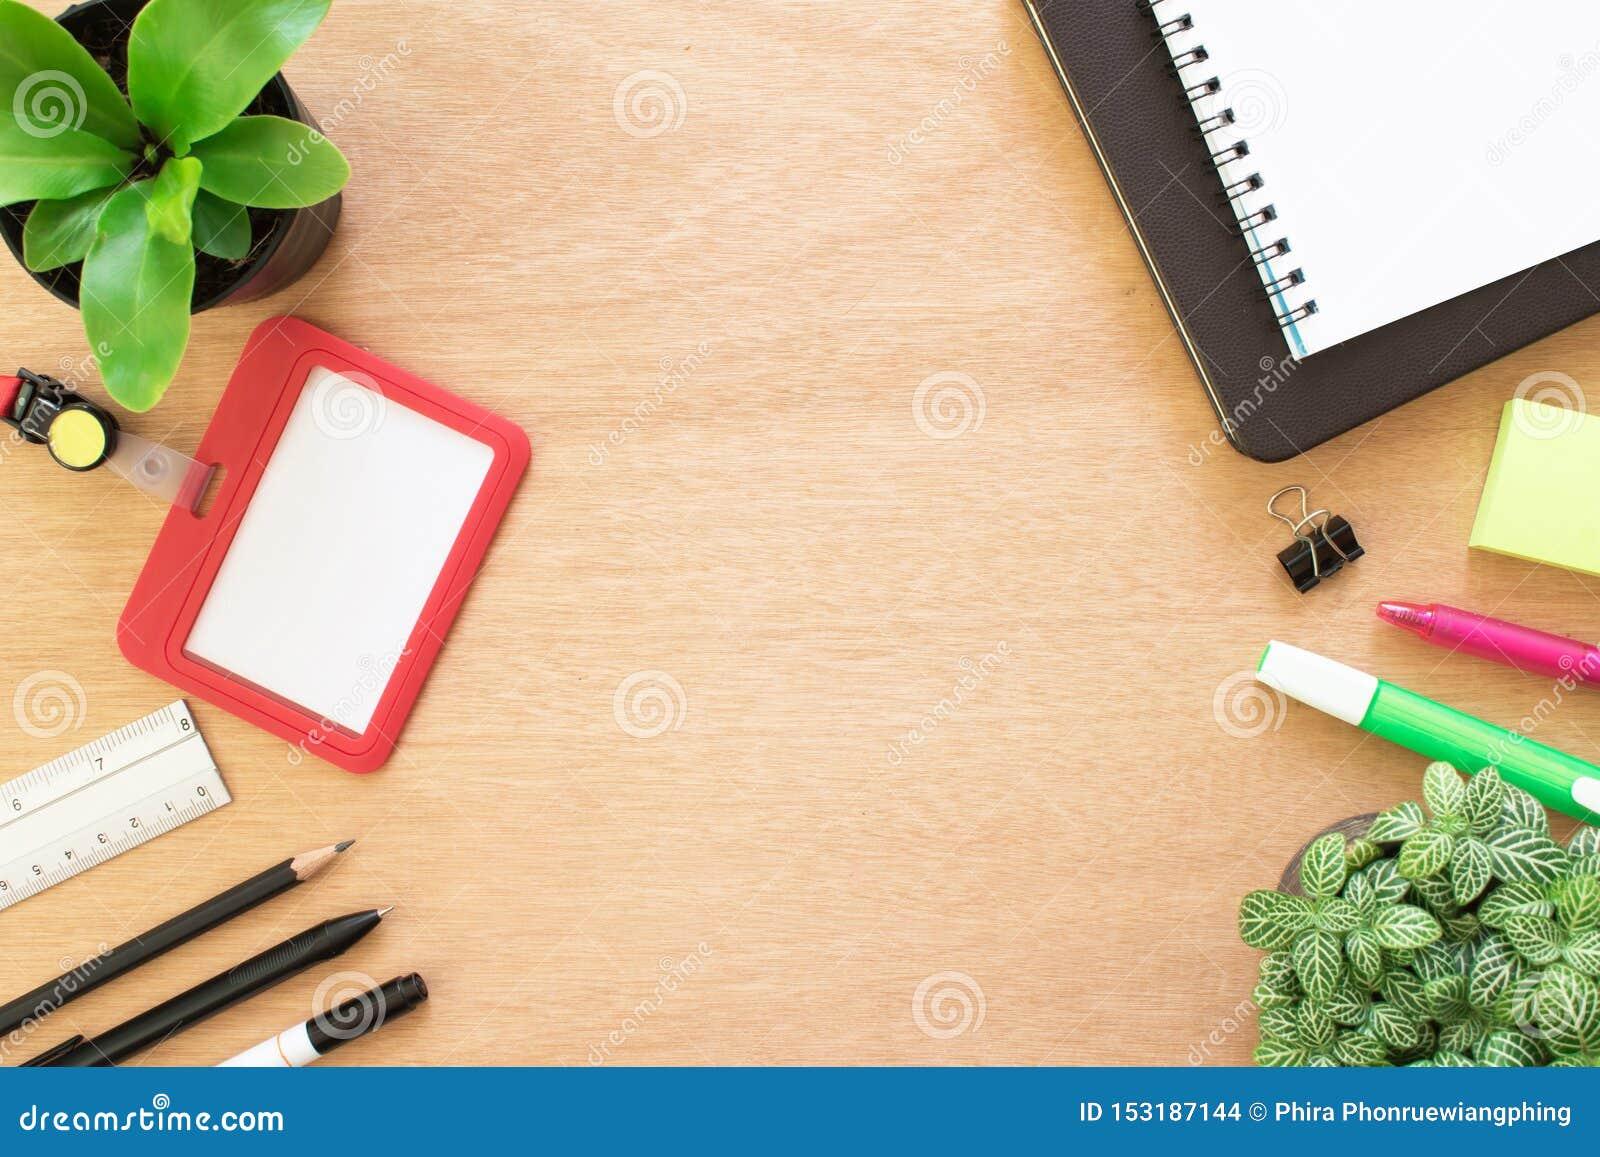 Livro, clipe, lápis, régua, destacando a pena, o cartão do empregado, o post-it e o potenciômetro da árvore na mesa de madeira ma